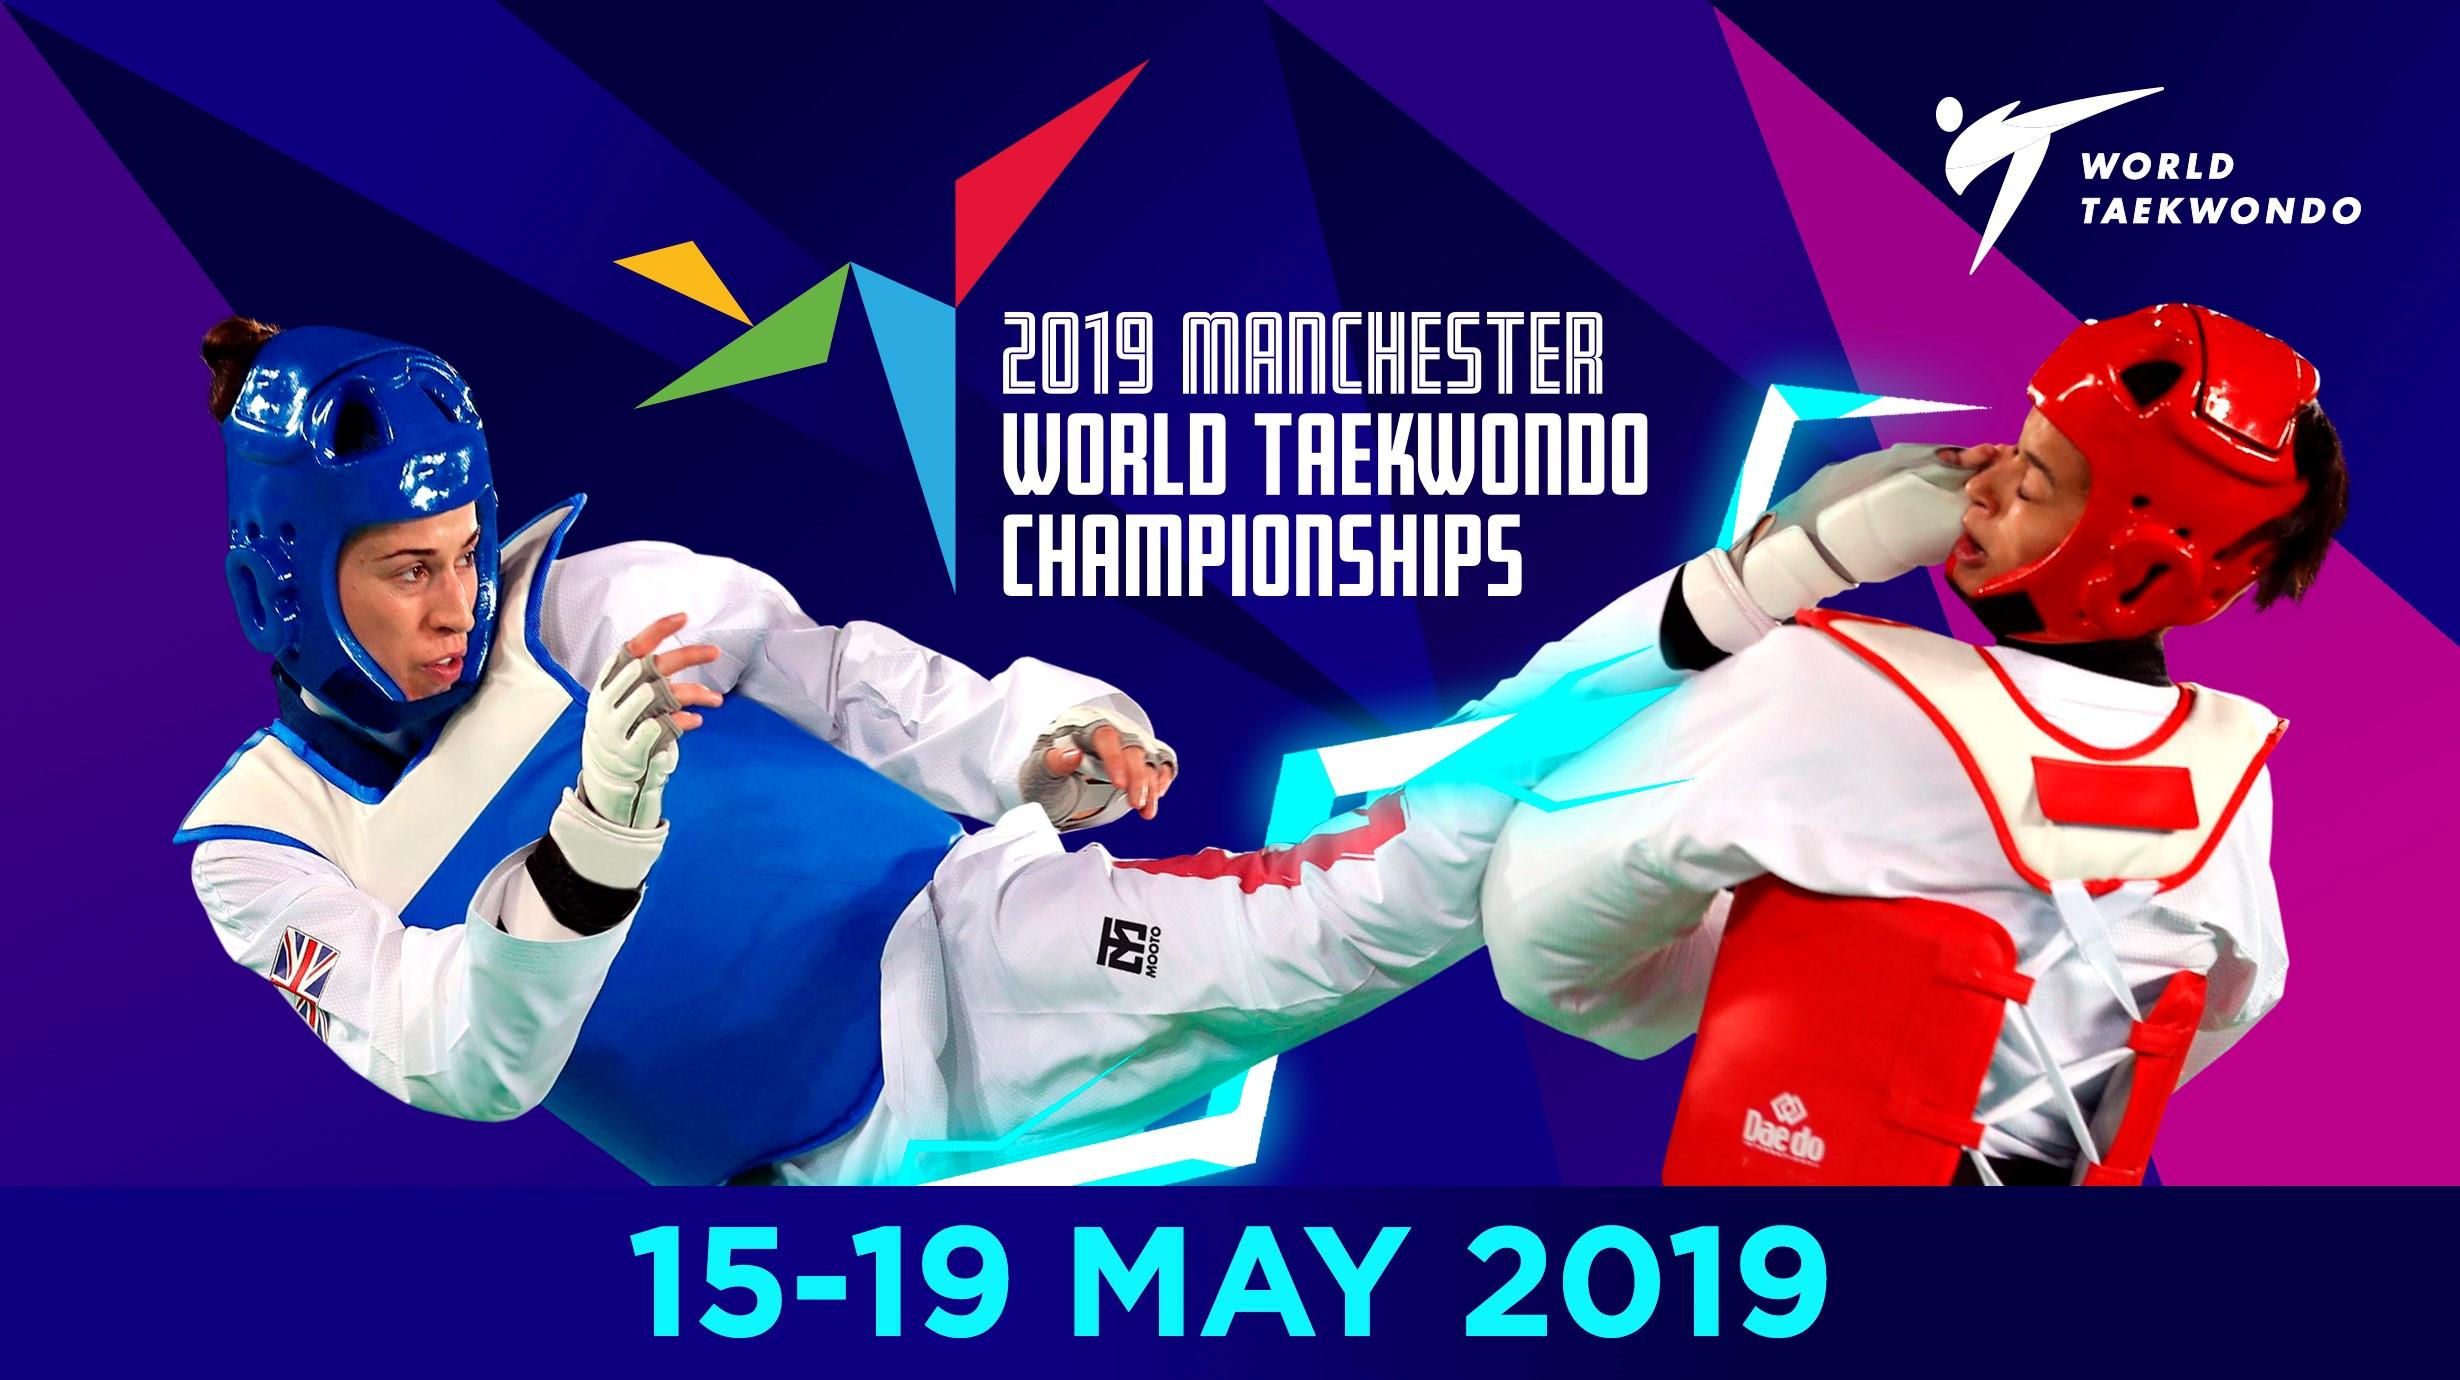 Kết quả hình ảnh cho Manchester 2019 World Taekwondo Championship – Day 1